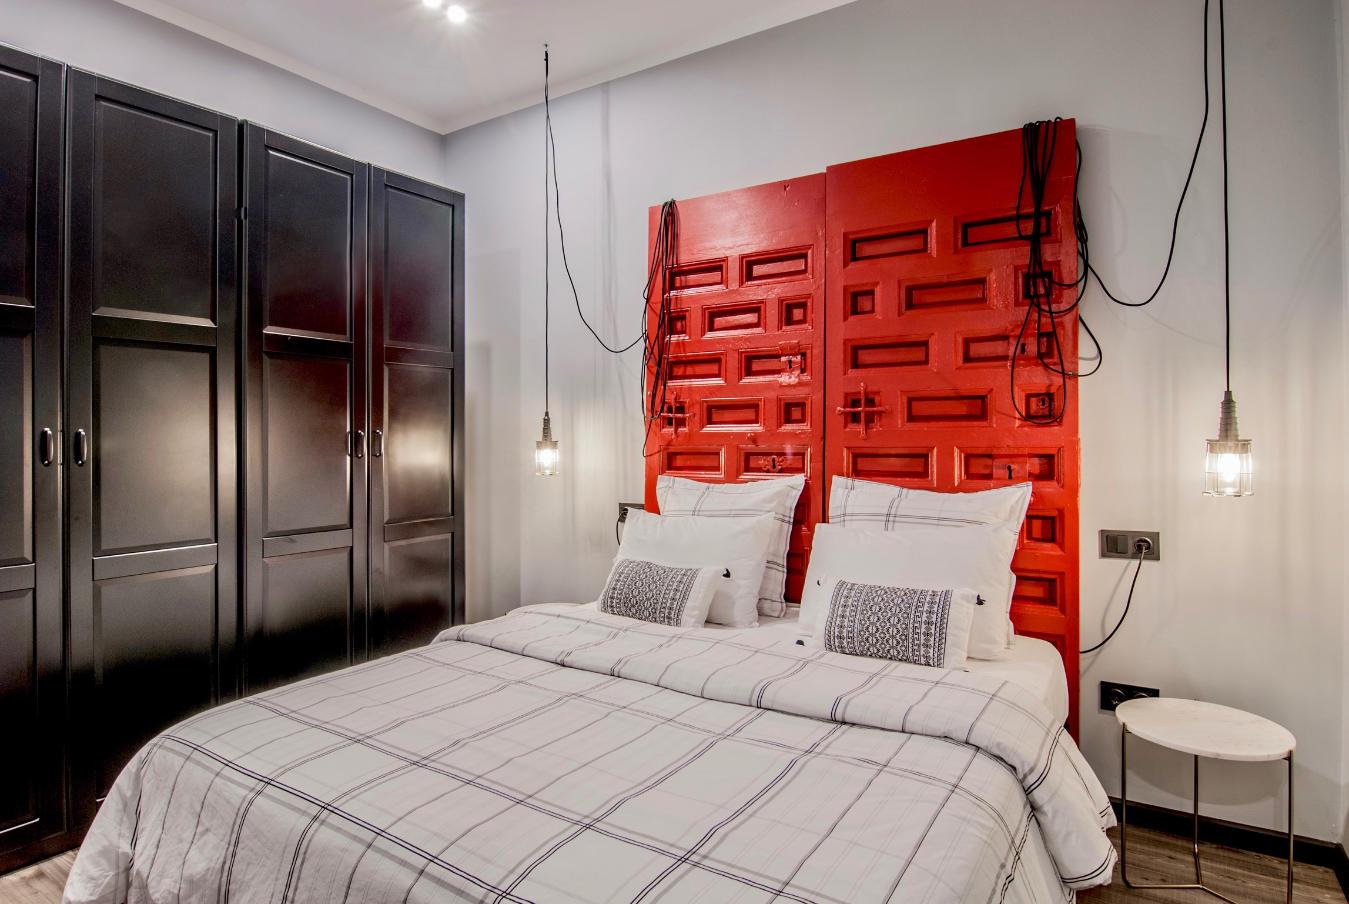 Dormitorio, detalle cabezal y armario Plaza Dos de Mayo